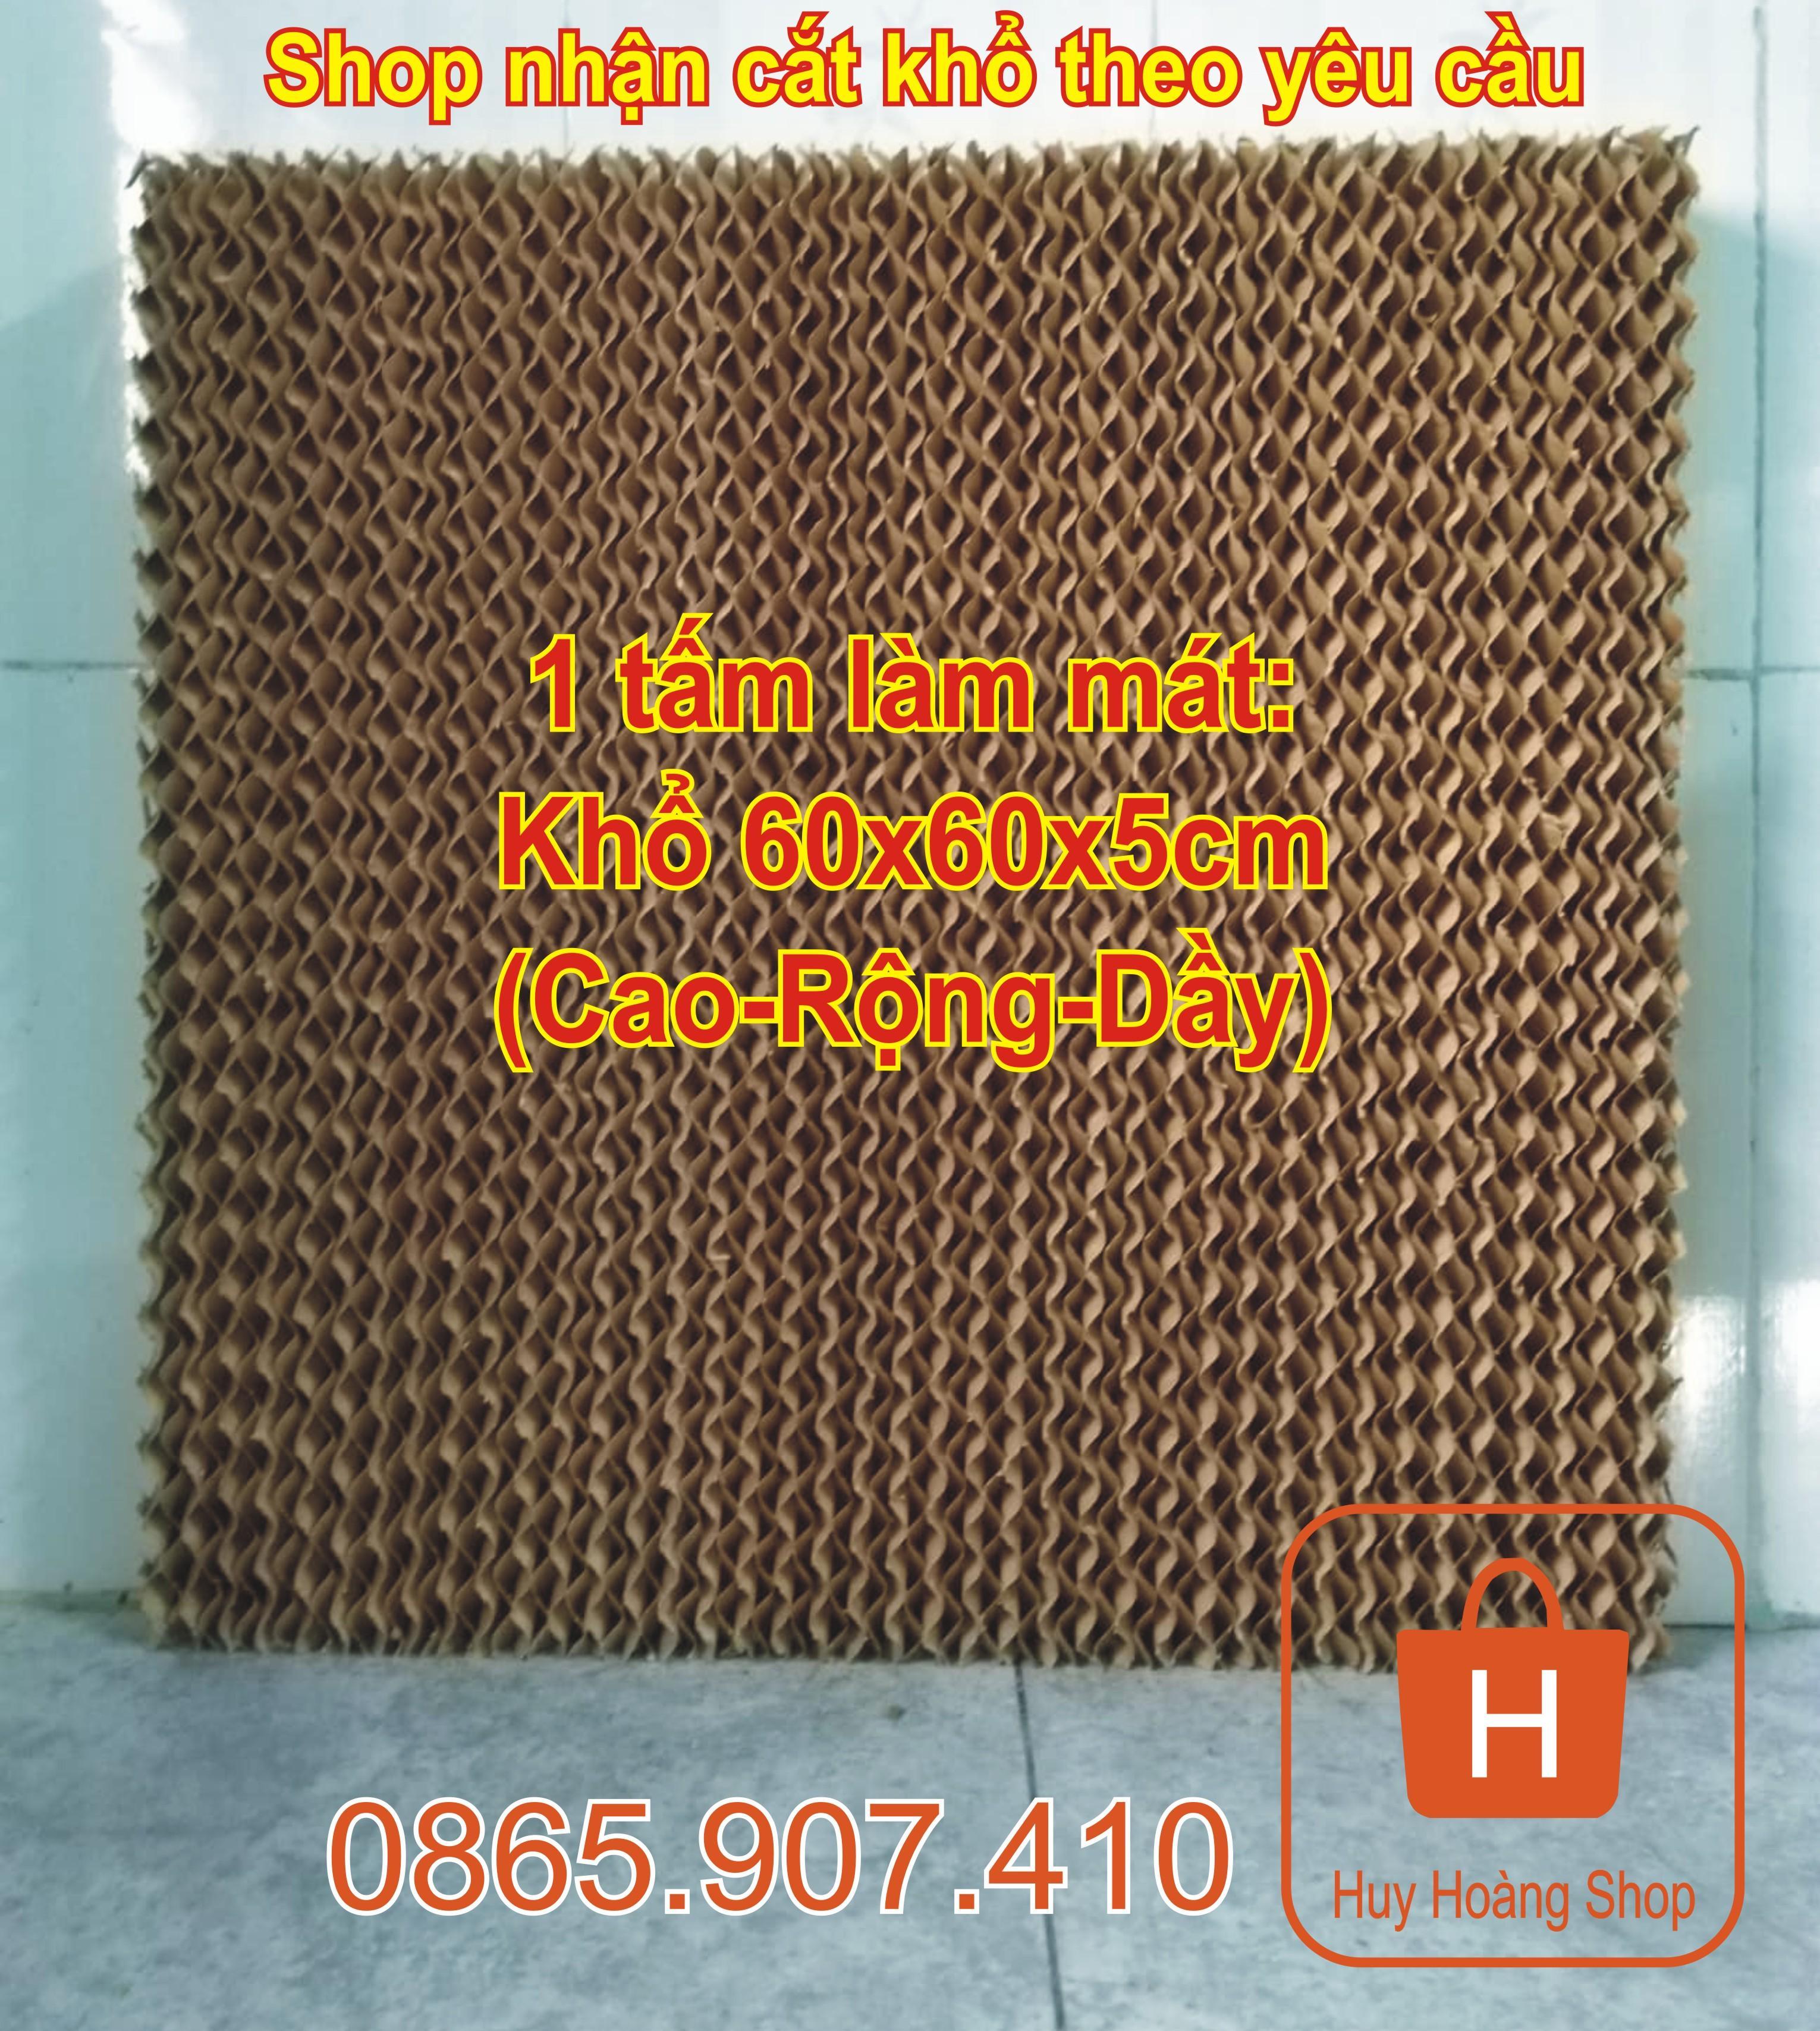 Tấm Làm Mát Cooling Pad Khổ 60x60x5cm Giá Cực Cool